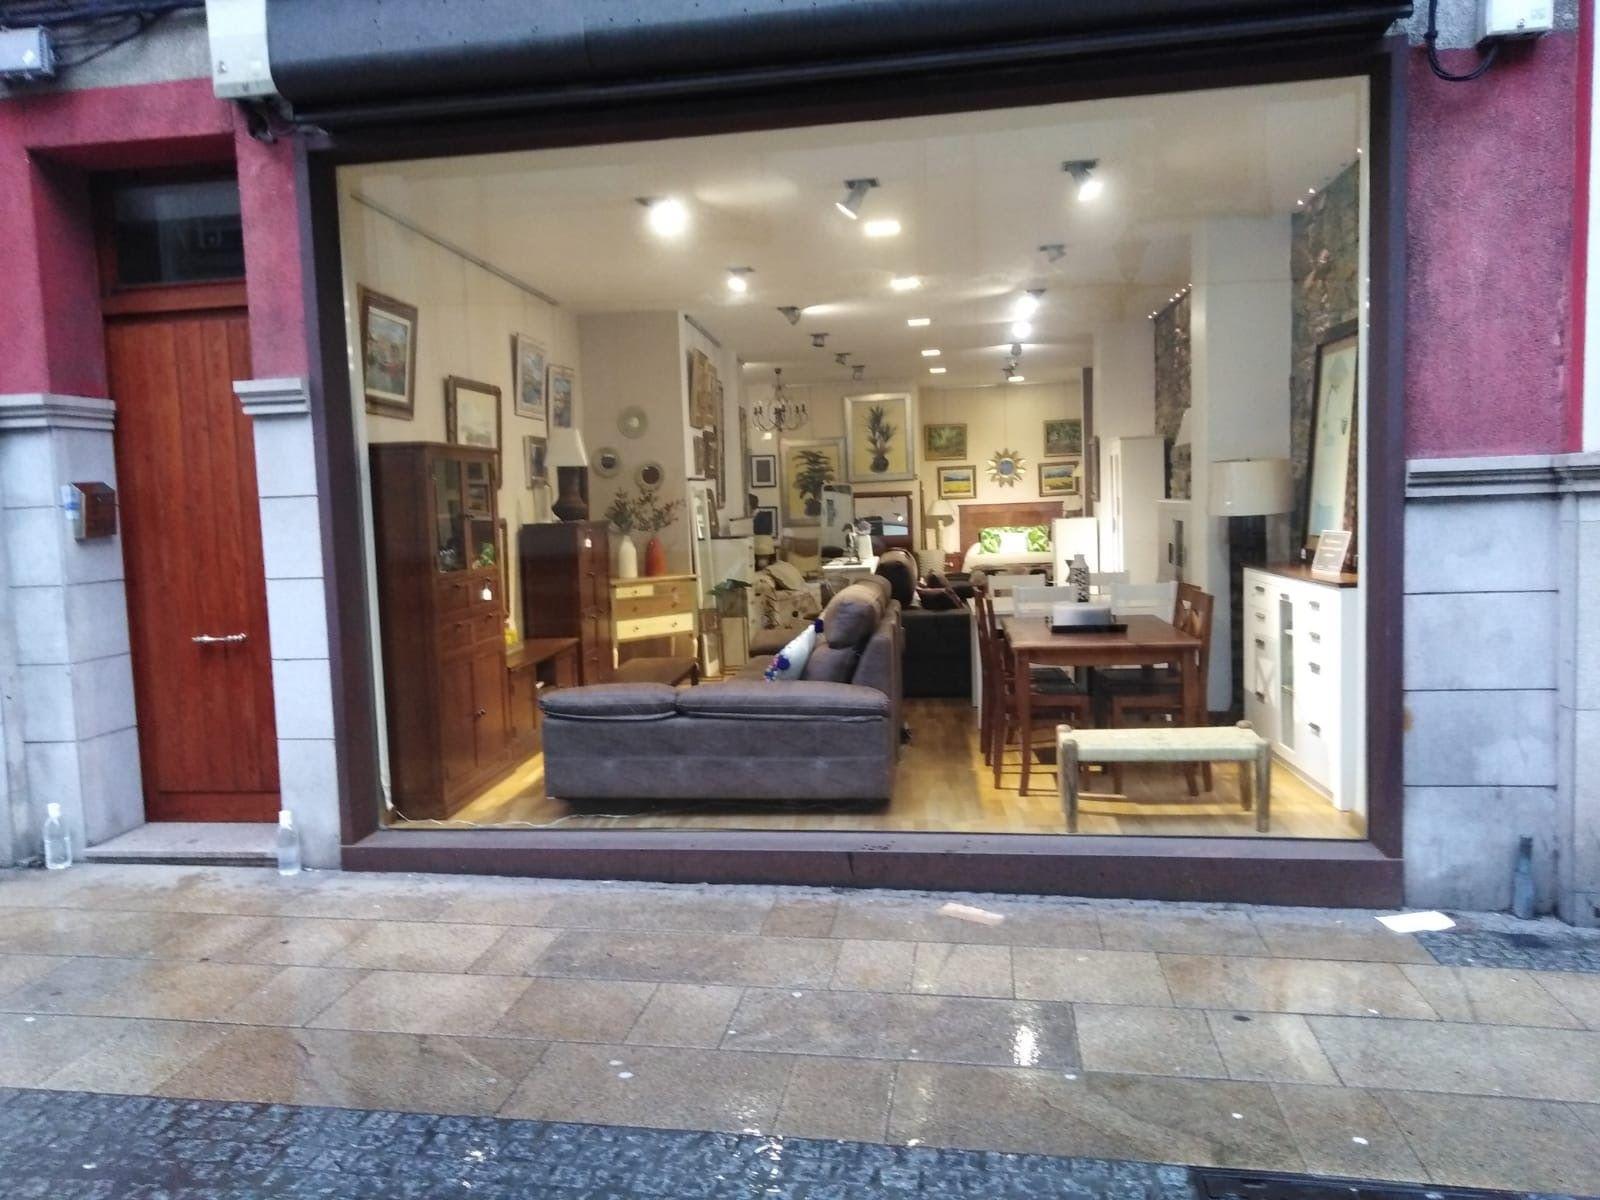 Local comercial en La Coruña, SAN ANDRES, alquiler